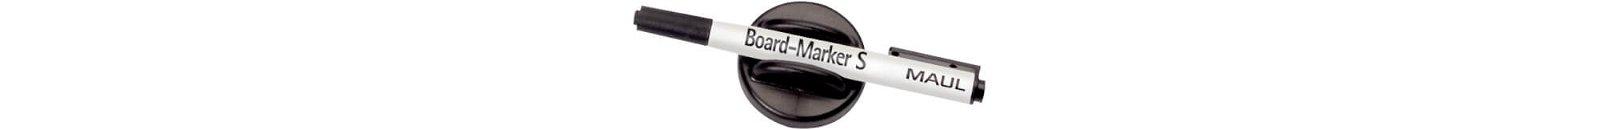 Tafelwischer mit Marker S, schwarz